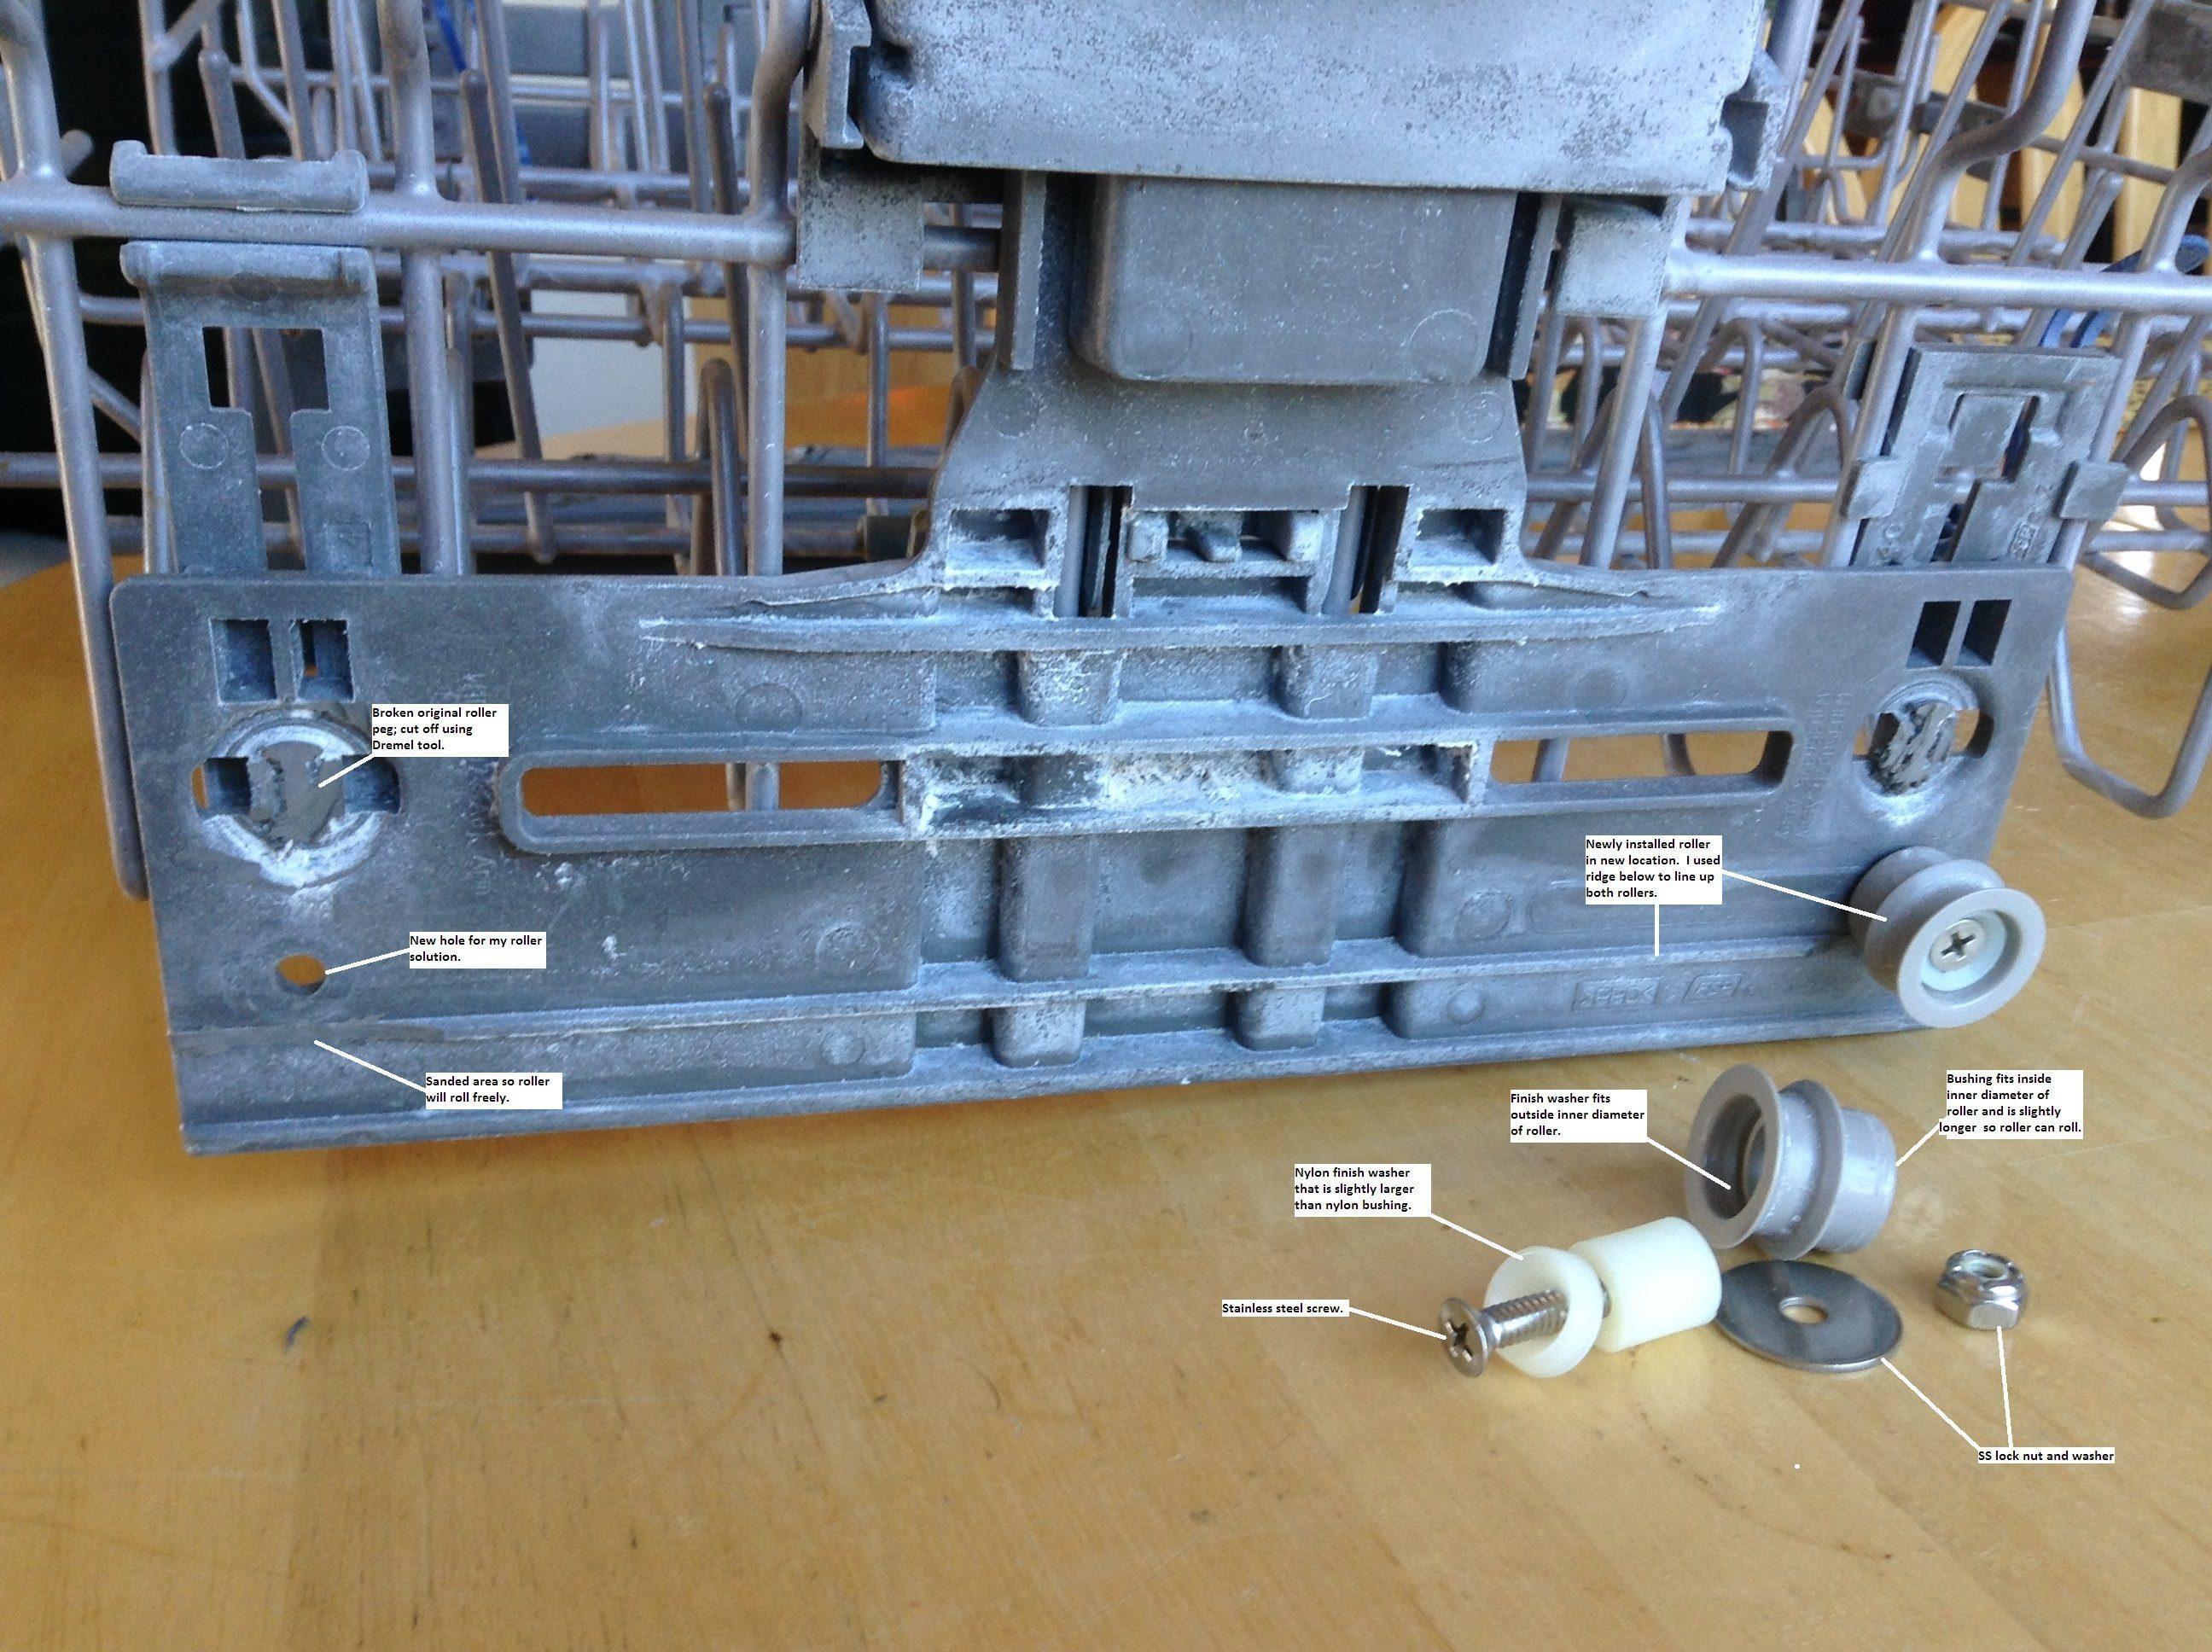 kitchenaid quiet scrub dishwasher parts : clairelevy